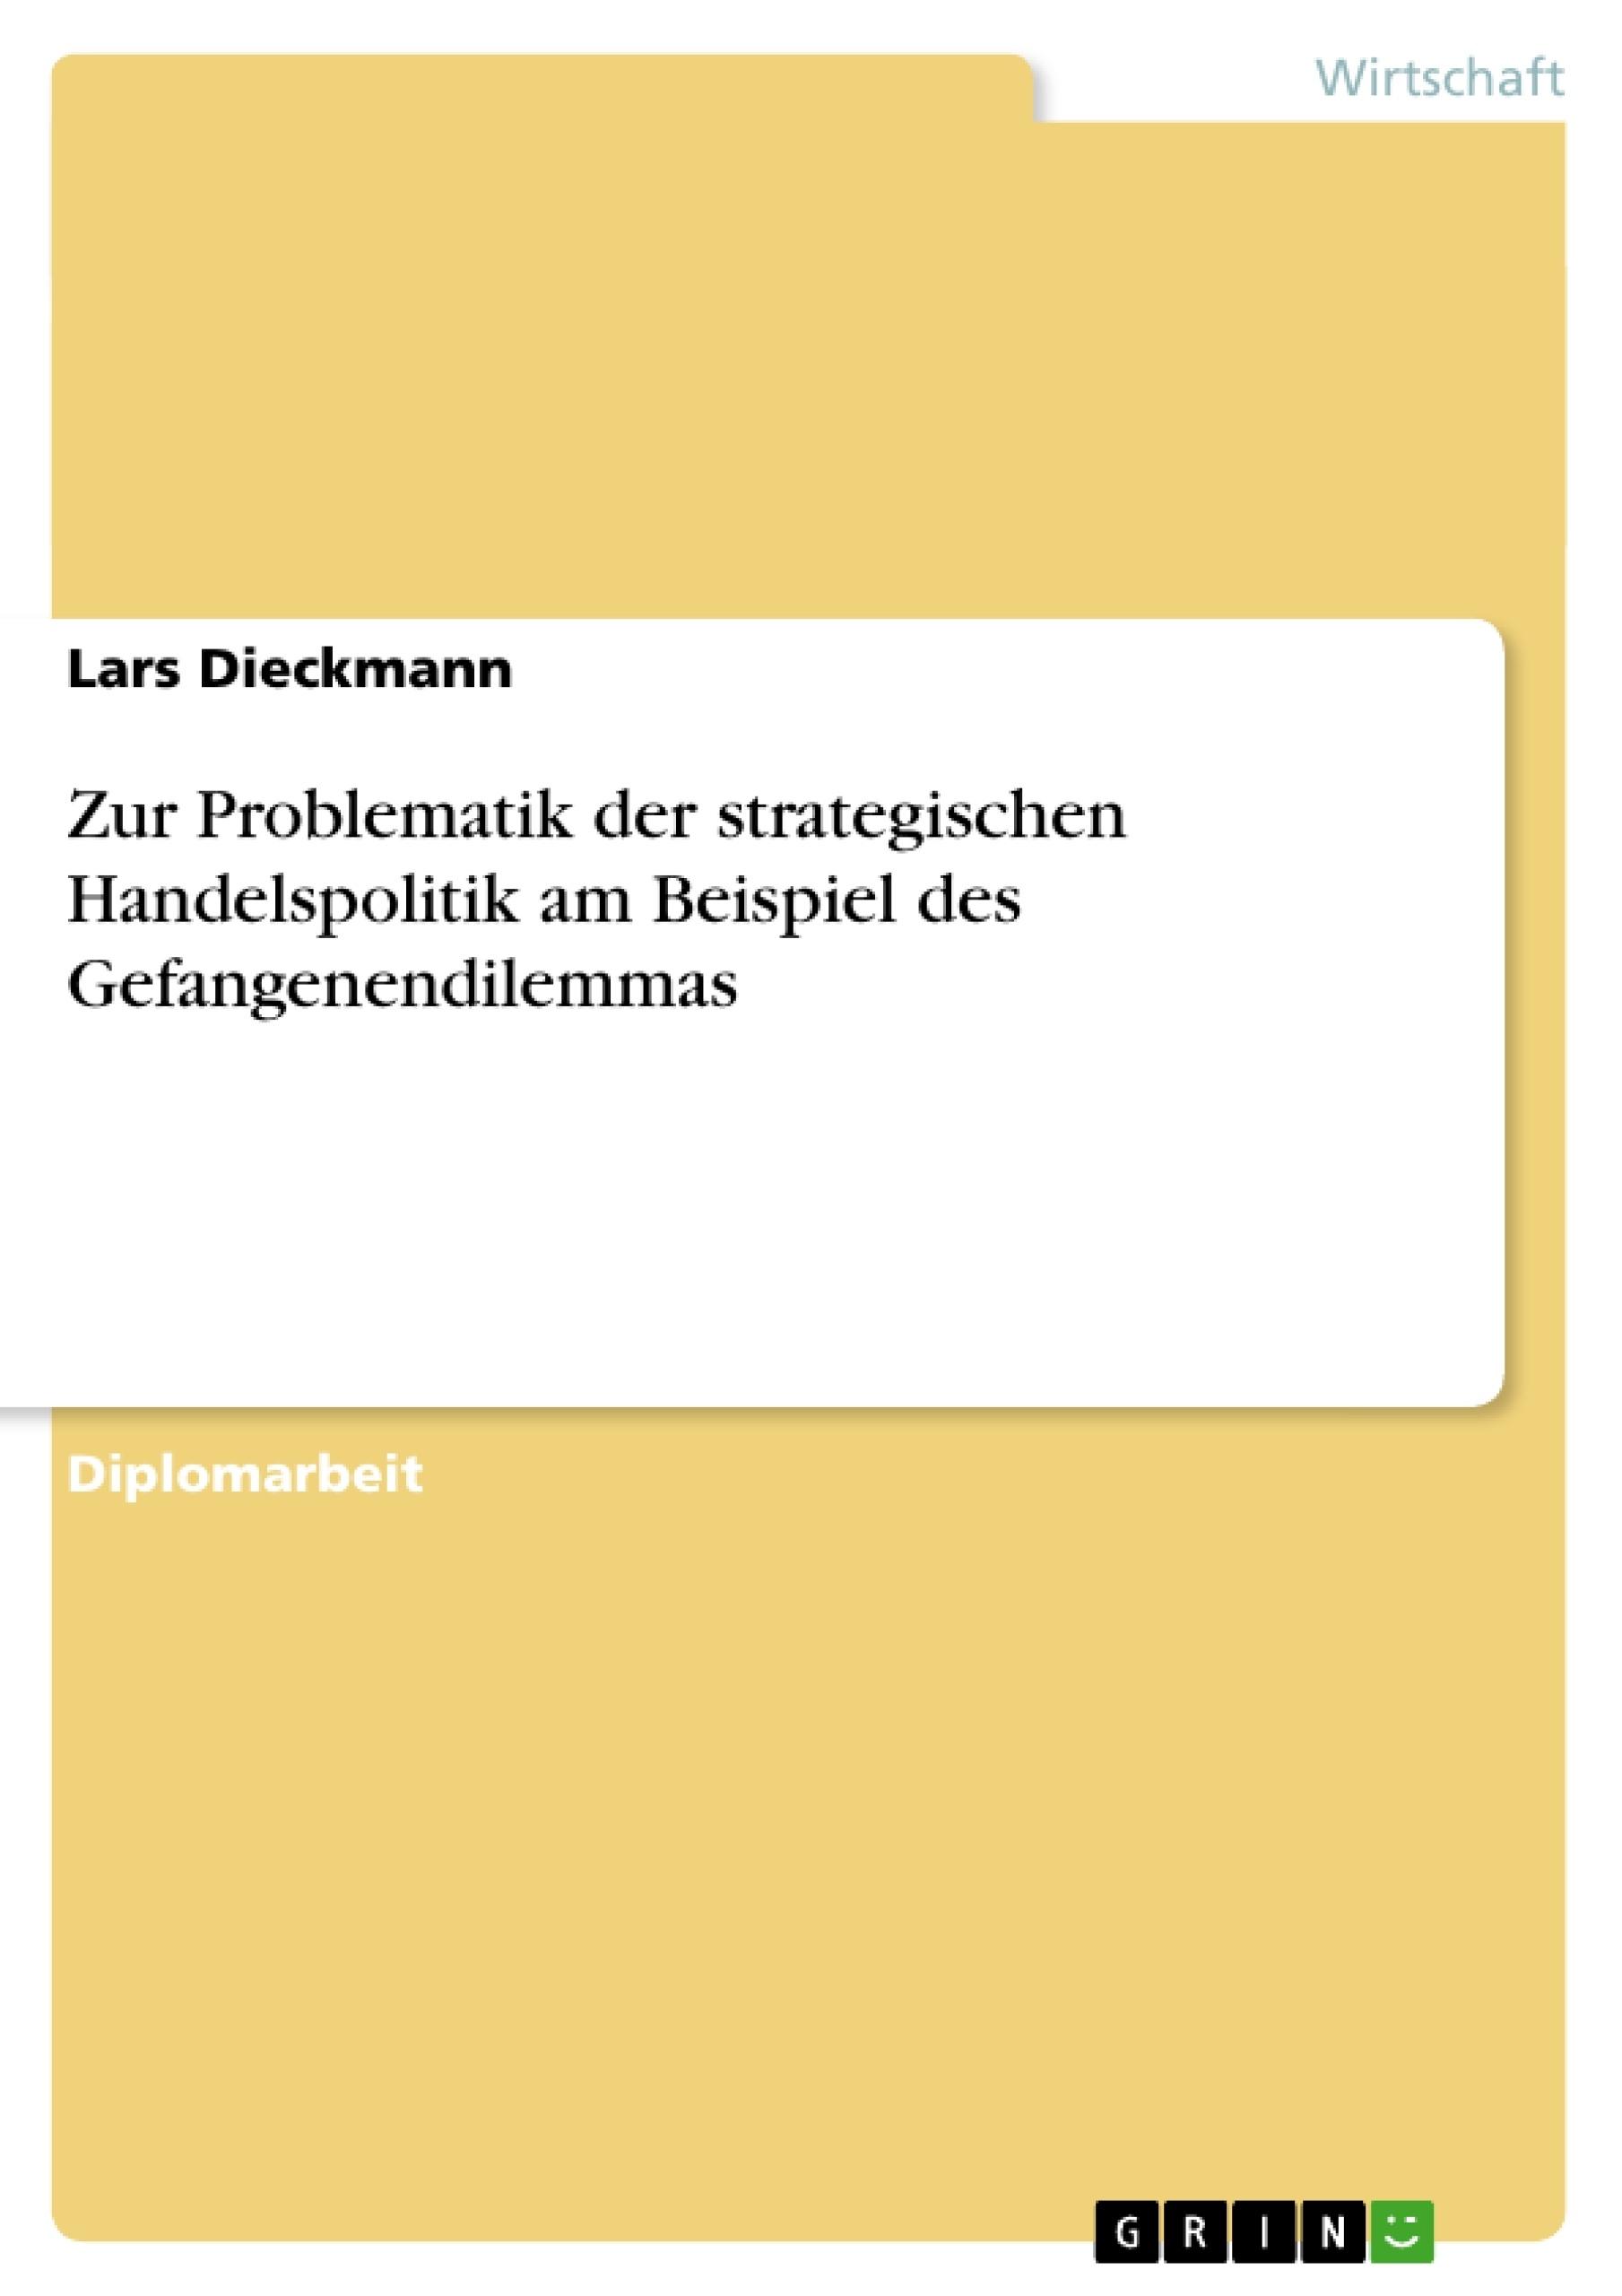 Titel: Zur Problematik der strategischen Handelspolitik am Beispiel des Gefangenendilemmas